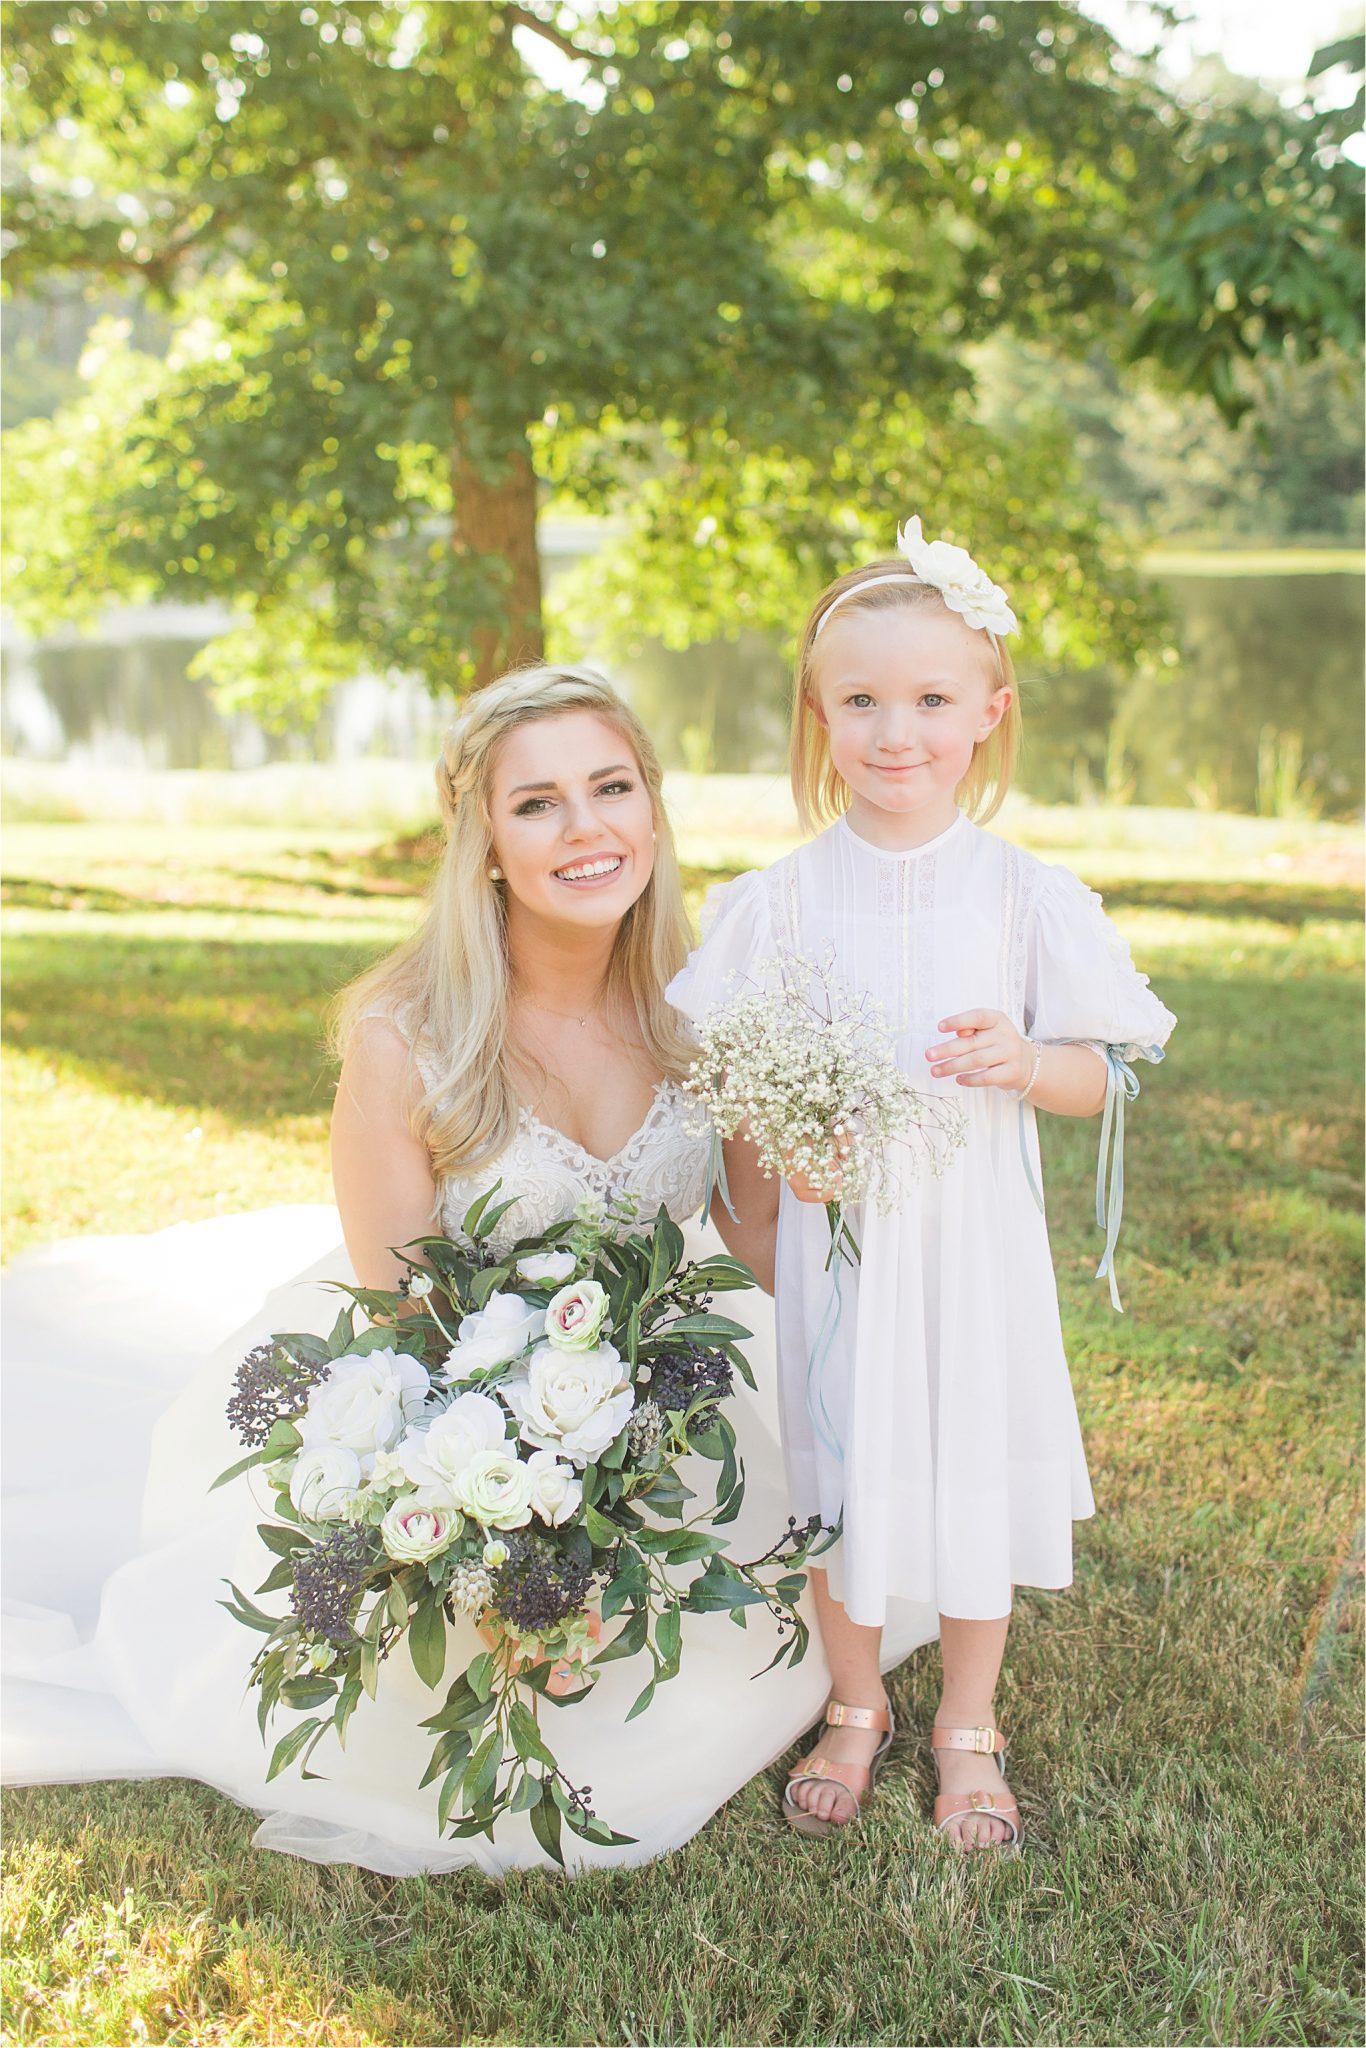 bride-flower-girl-dress-hair-piece